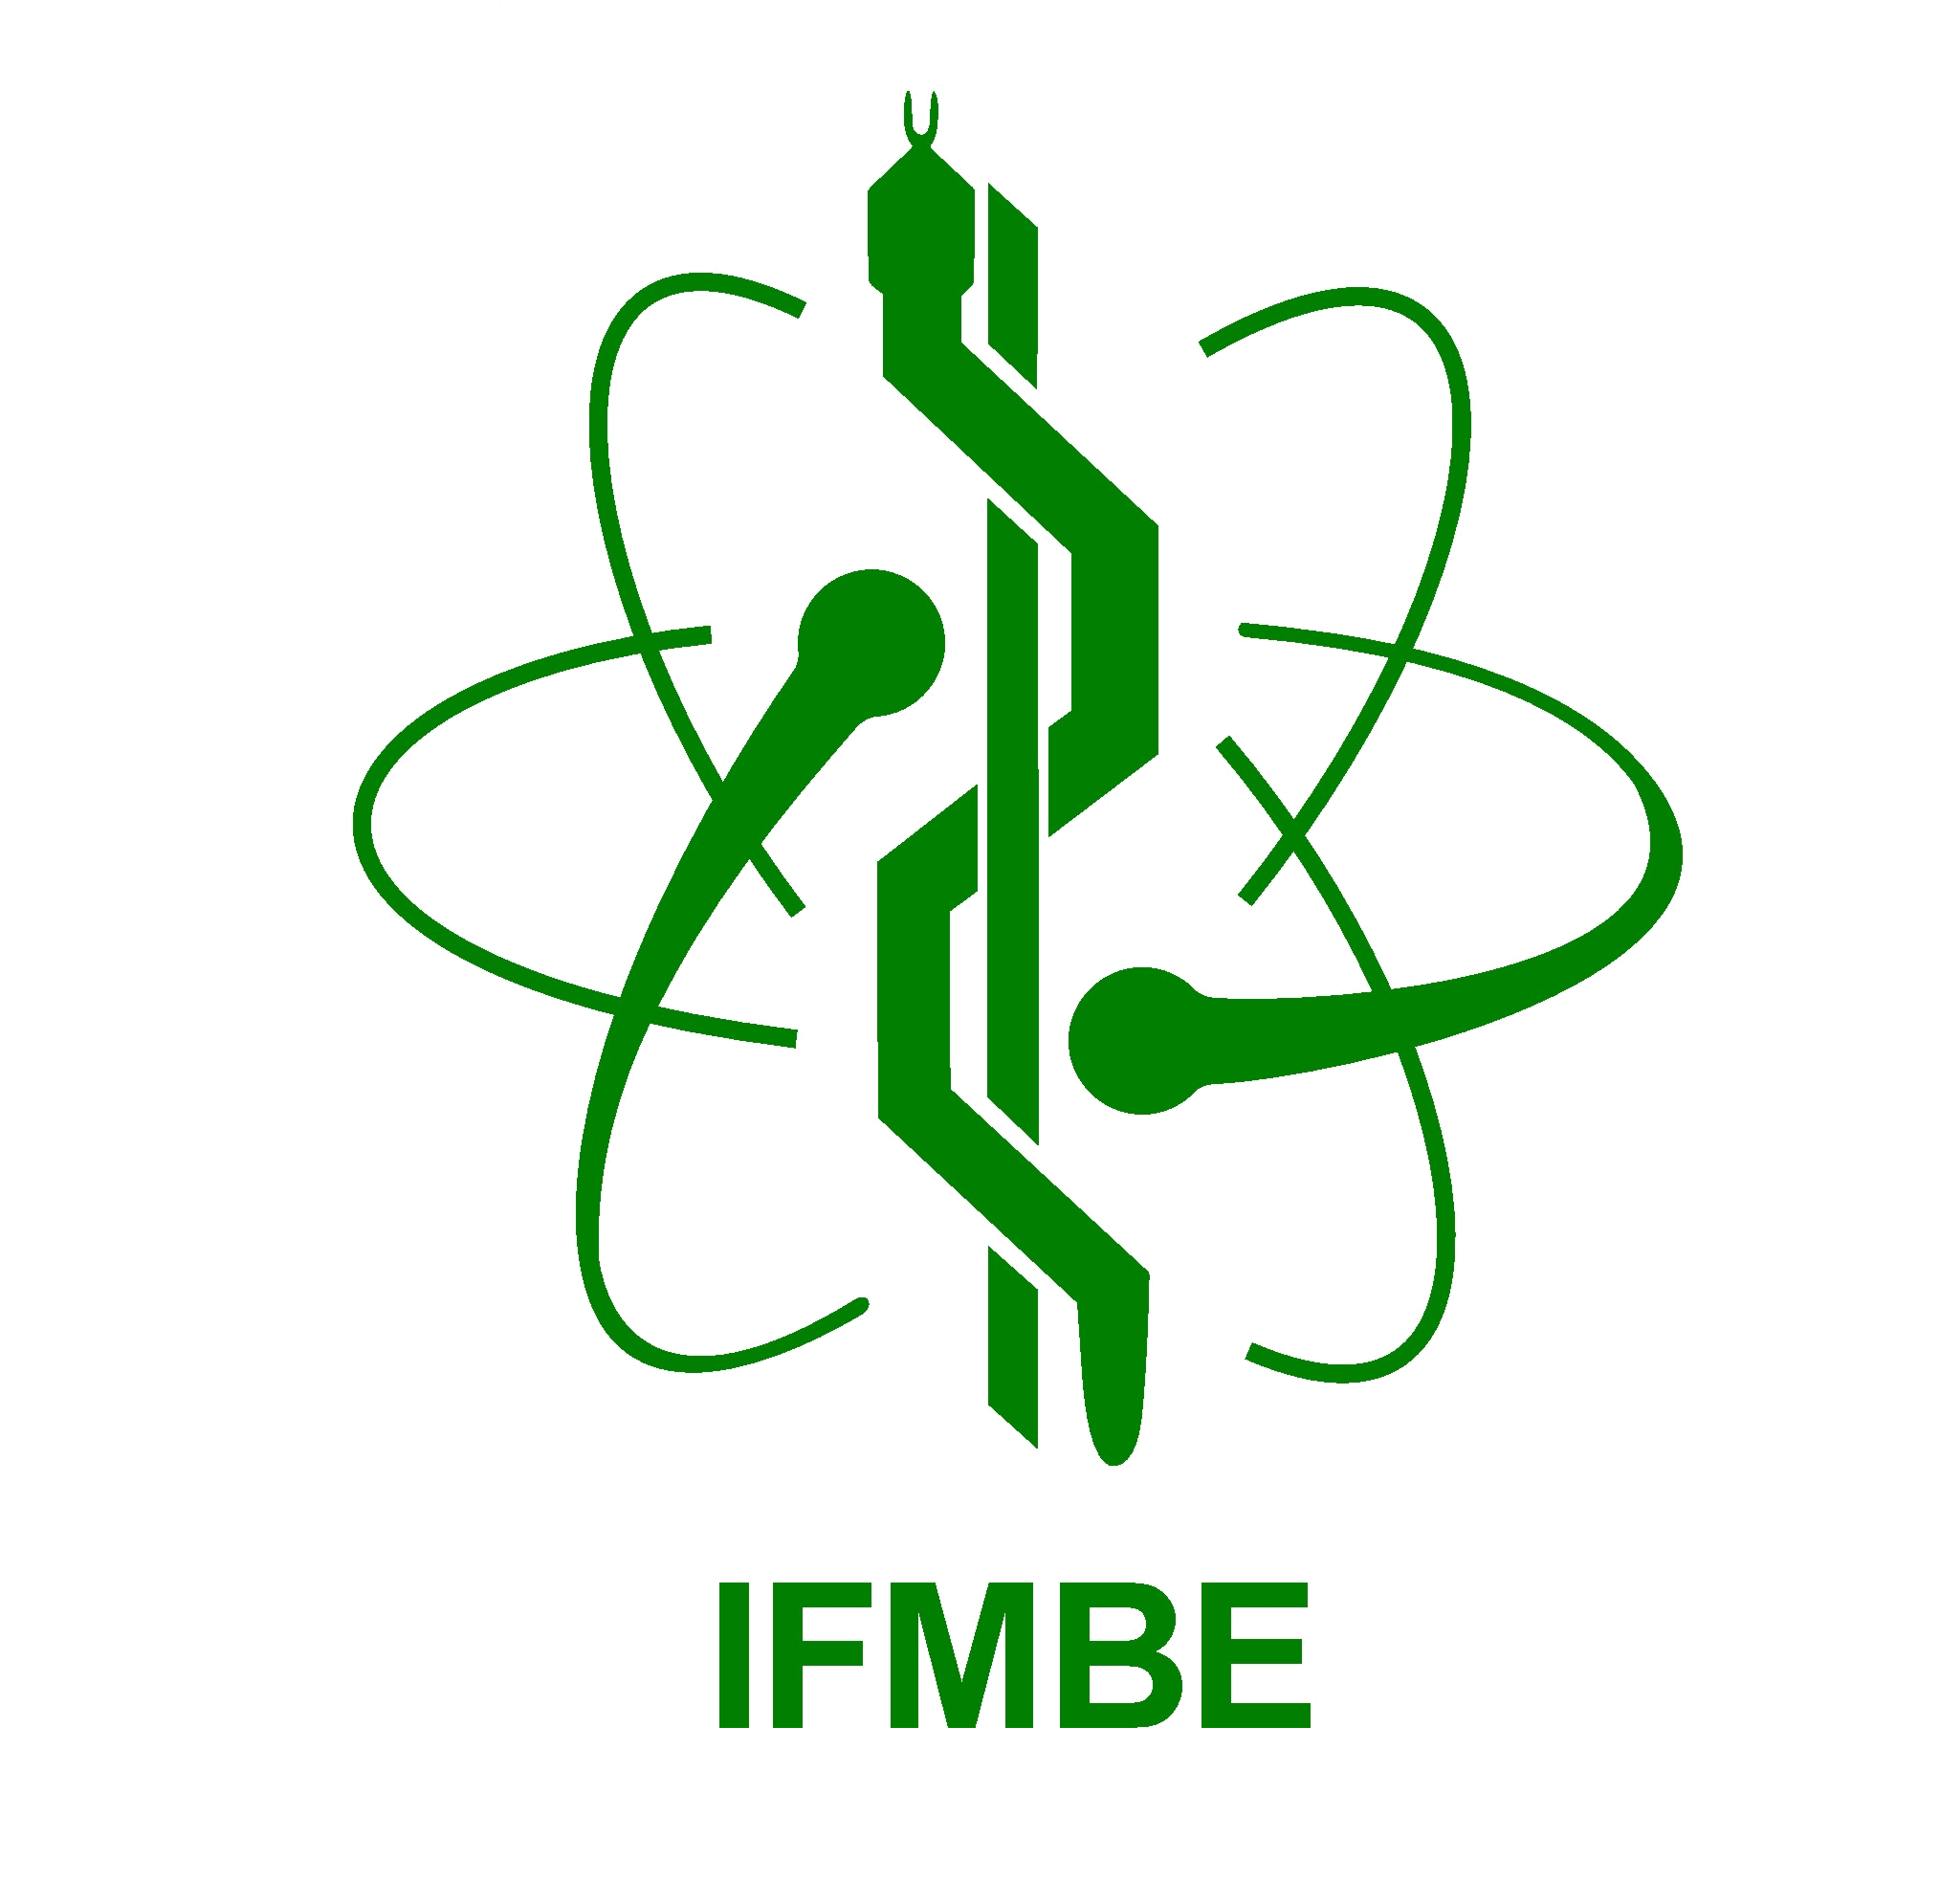 IFMBE